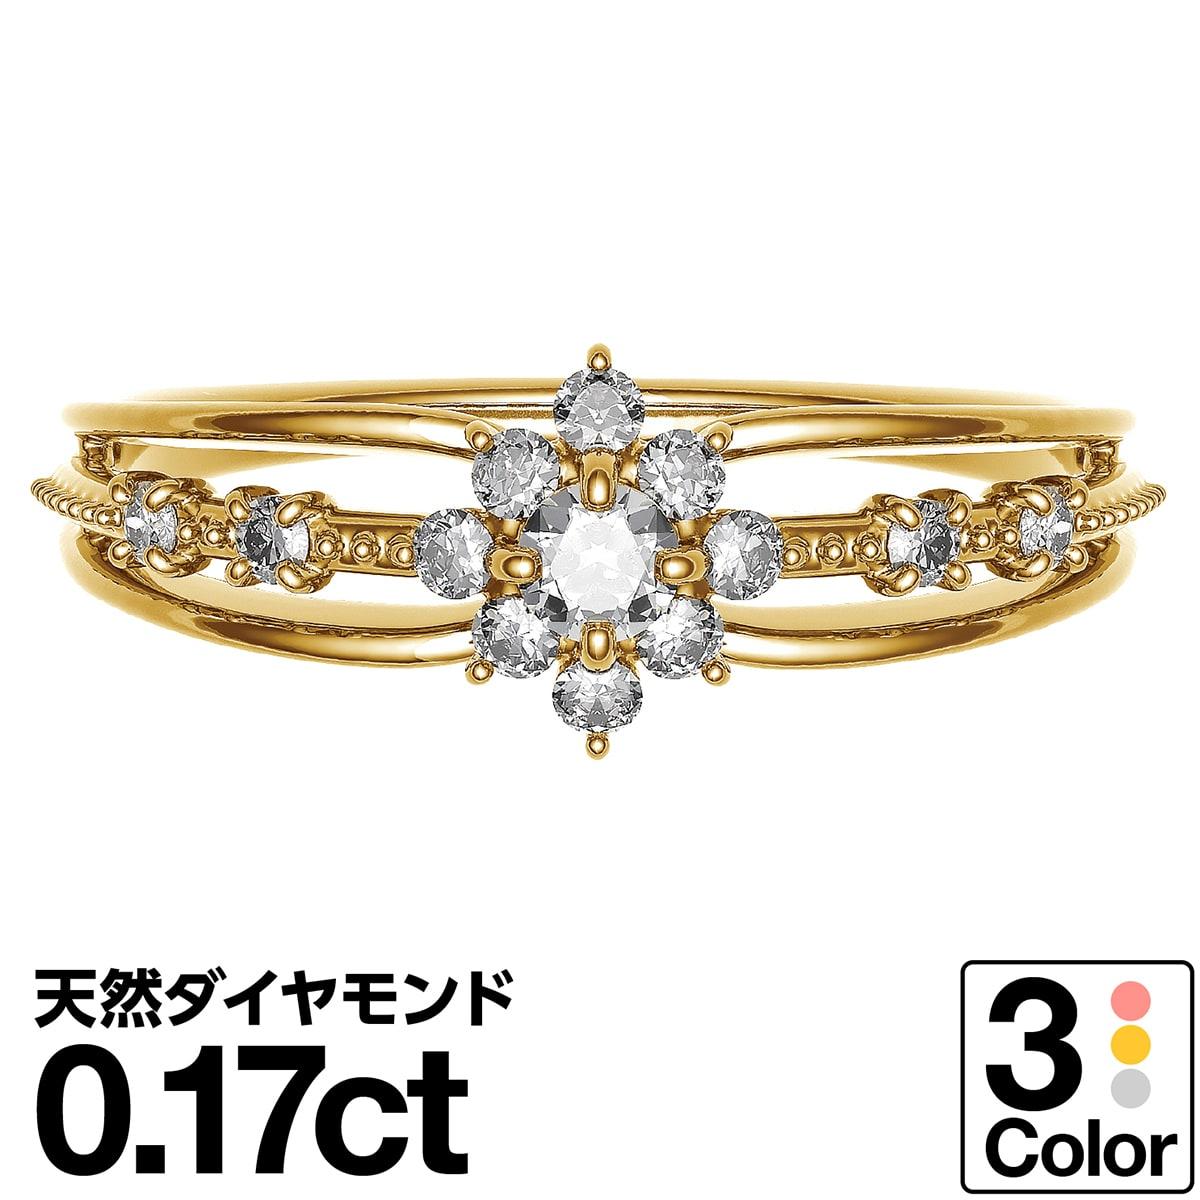 【送料無料】 ダイヤモンド リング k10 イエローゴールド/ホワイトゴールド/ピンクゴールド ファッションリング 品質保証書 金属アレルギー 日本製 誕生日 ギフト